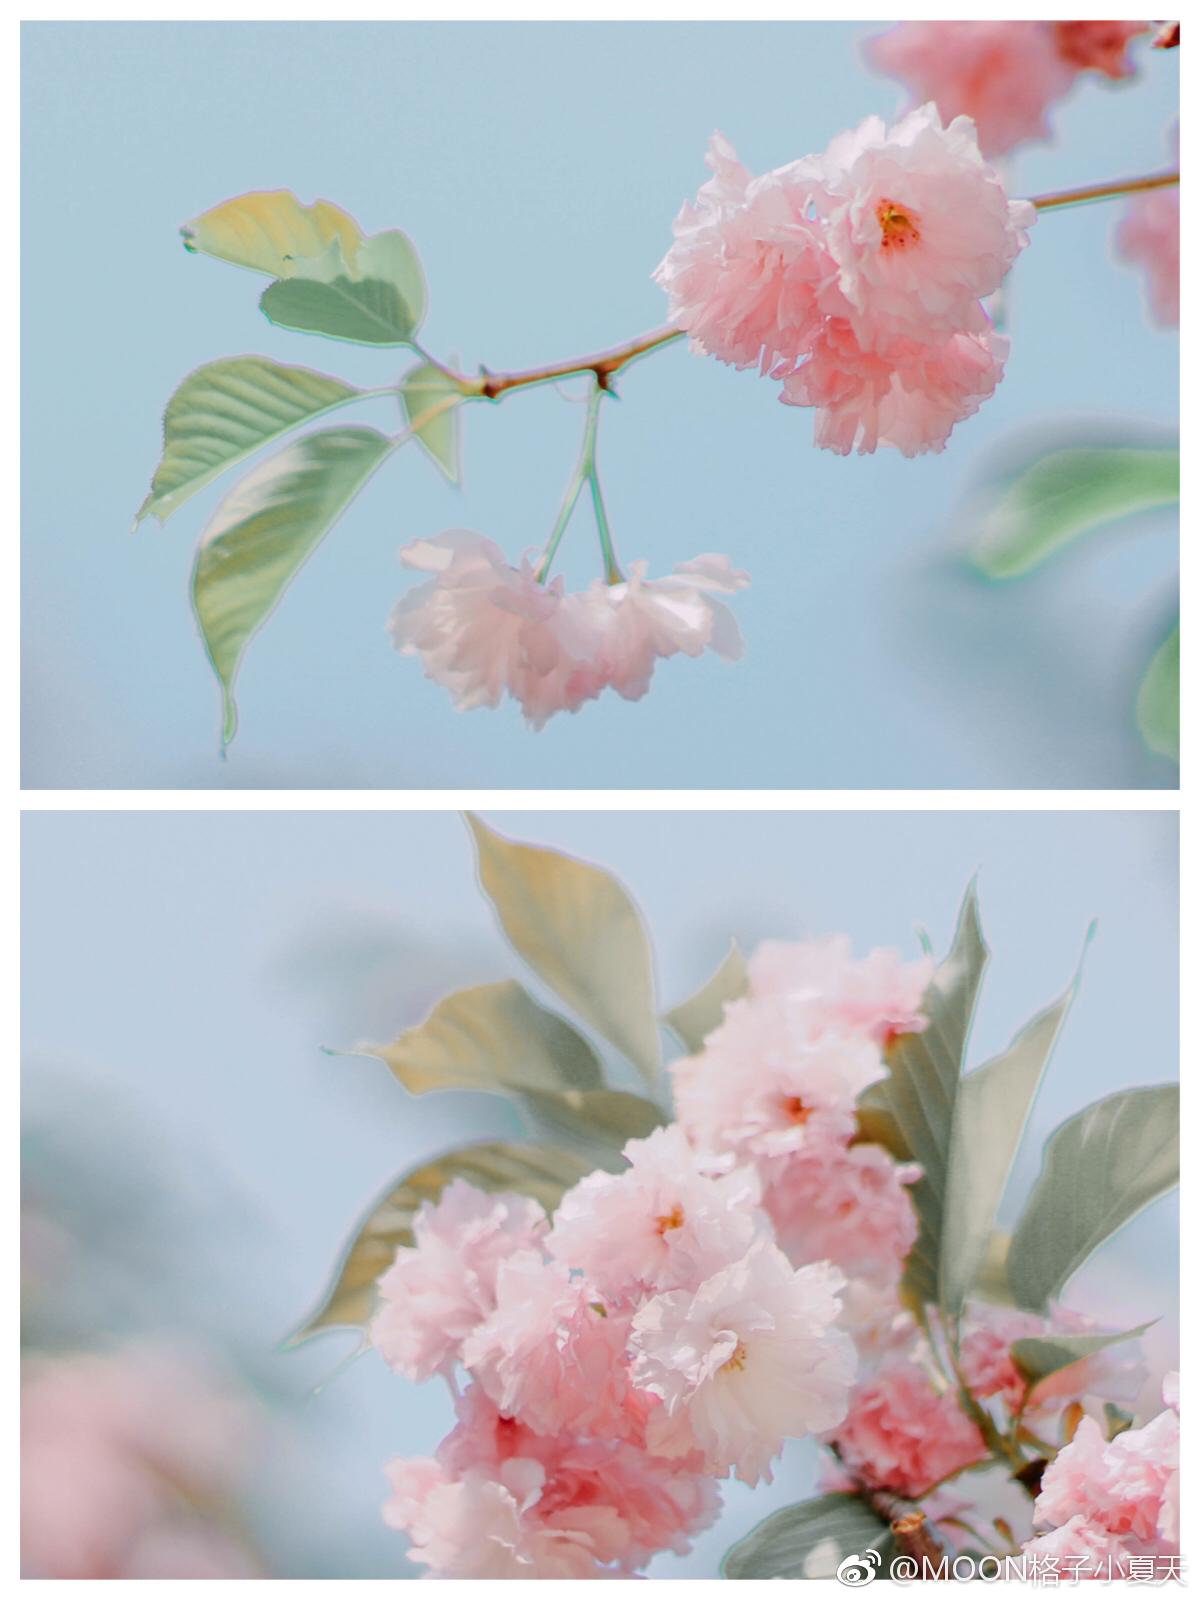 🌸樱花🌸|花开莫辜负 photo by